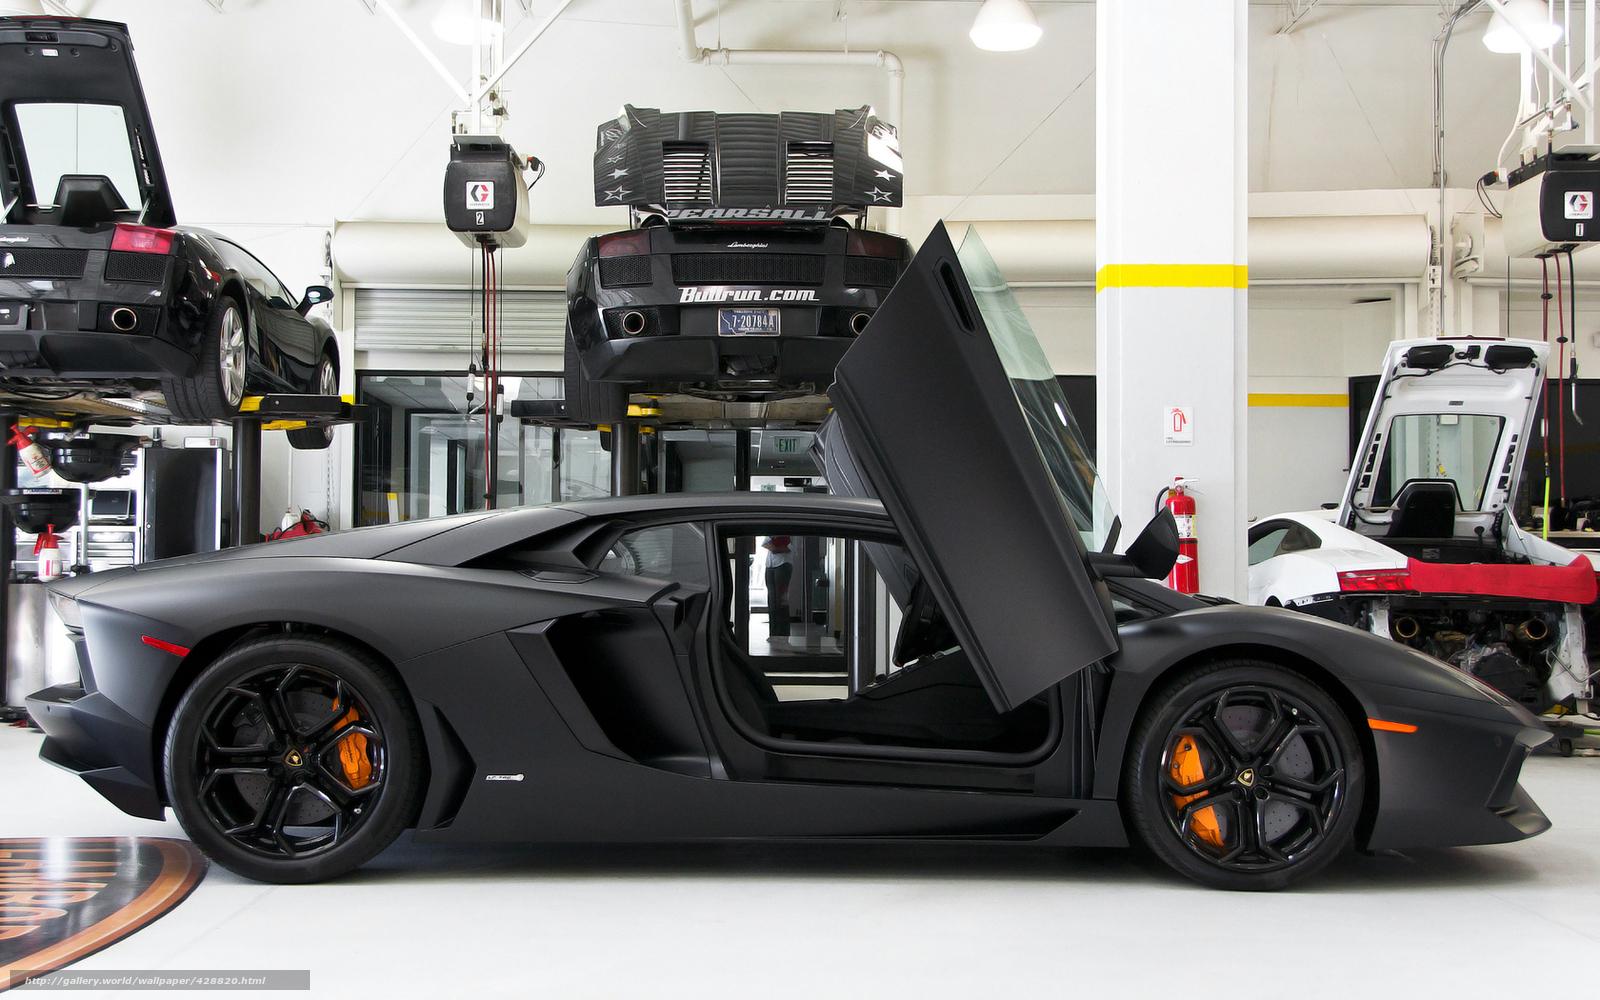 Tlcharger Fond D Ecran Garage Papier Peint Lamborghini